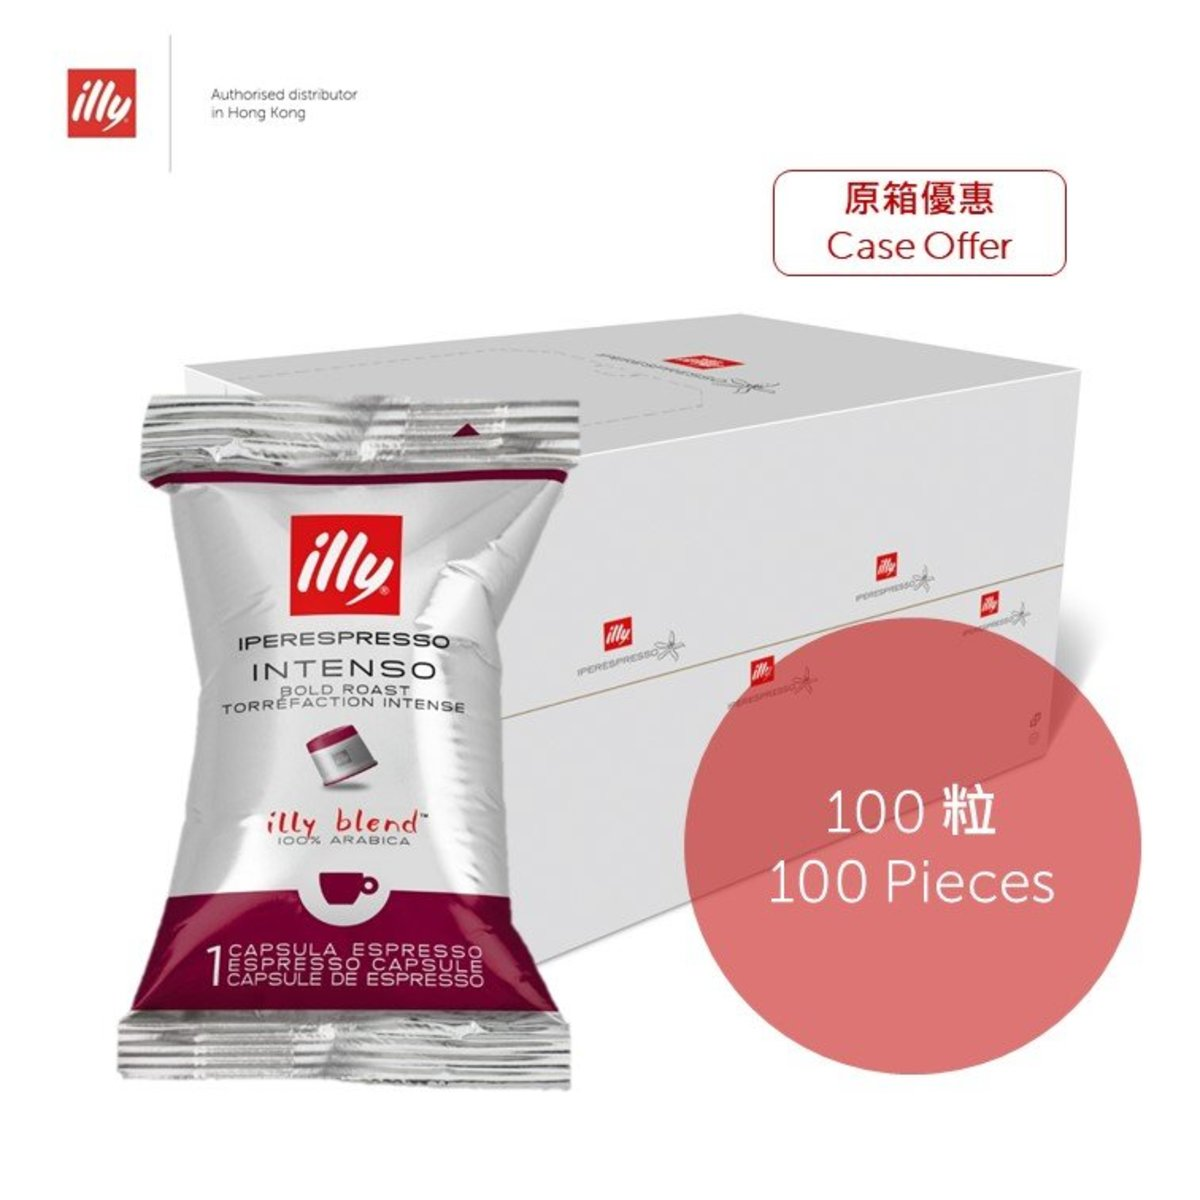 [Full Case] Iperespresso Espresso Capsule - Intenso - 100 individual pack